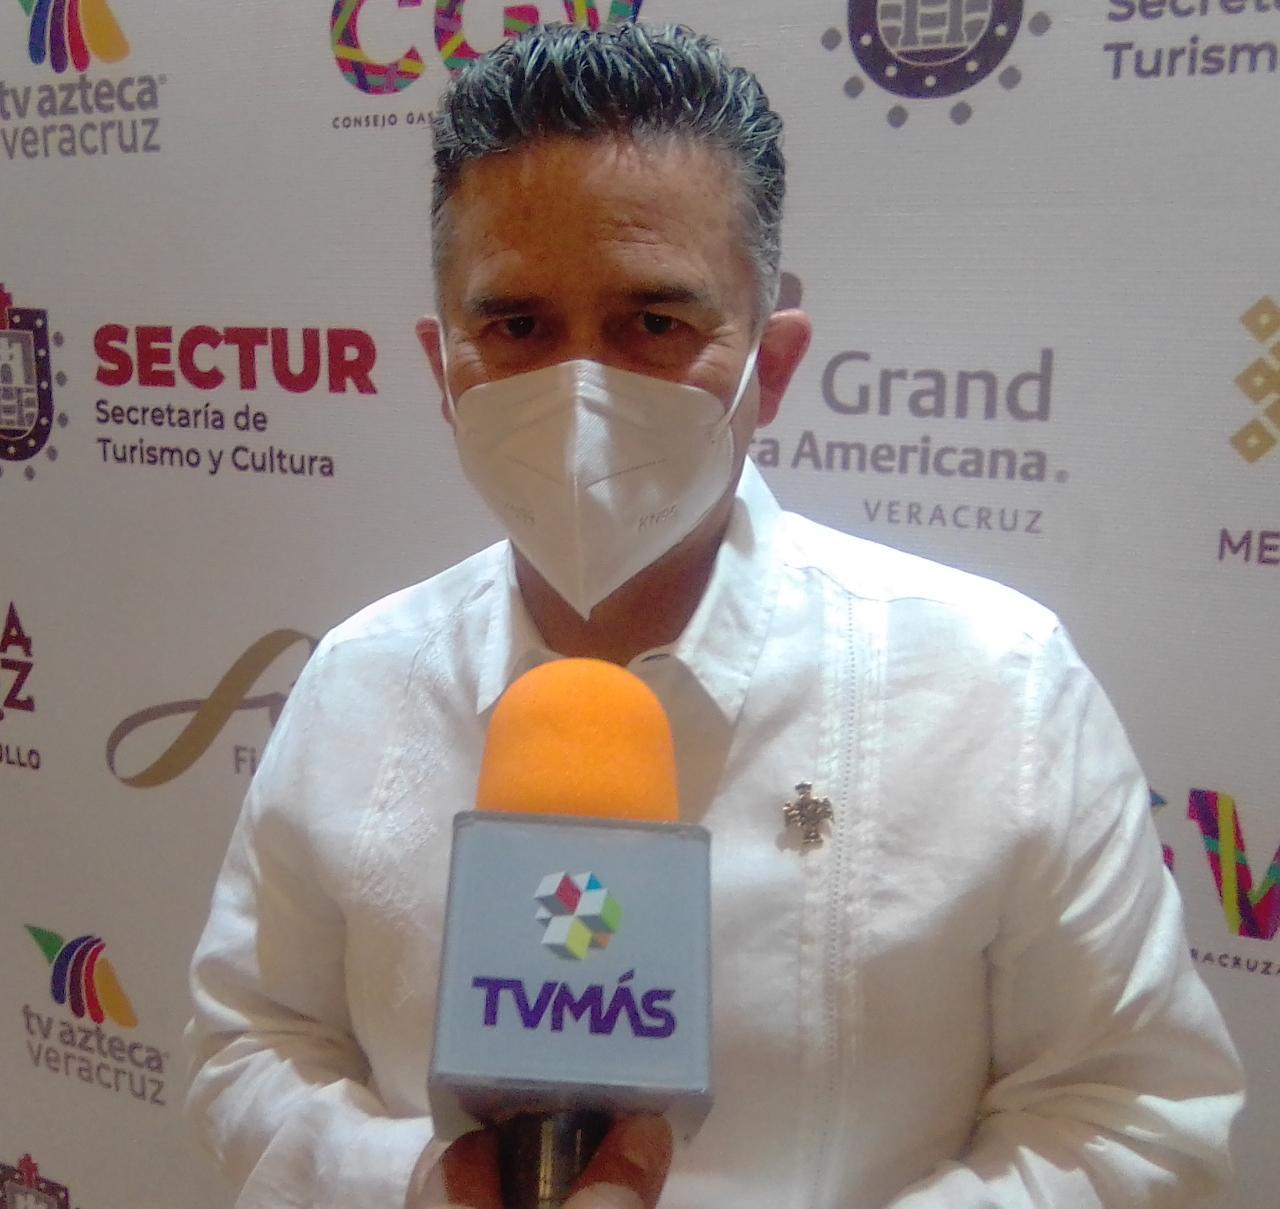 Municipio de Orizaba aplica protocolos sanitarios para incrementar visita de turistas: Igor Rojí